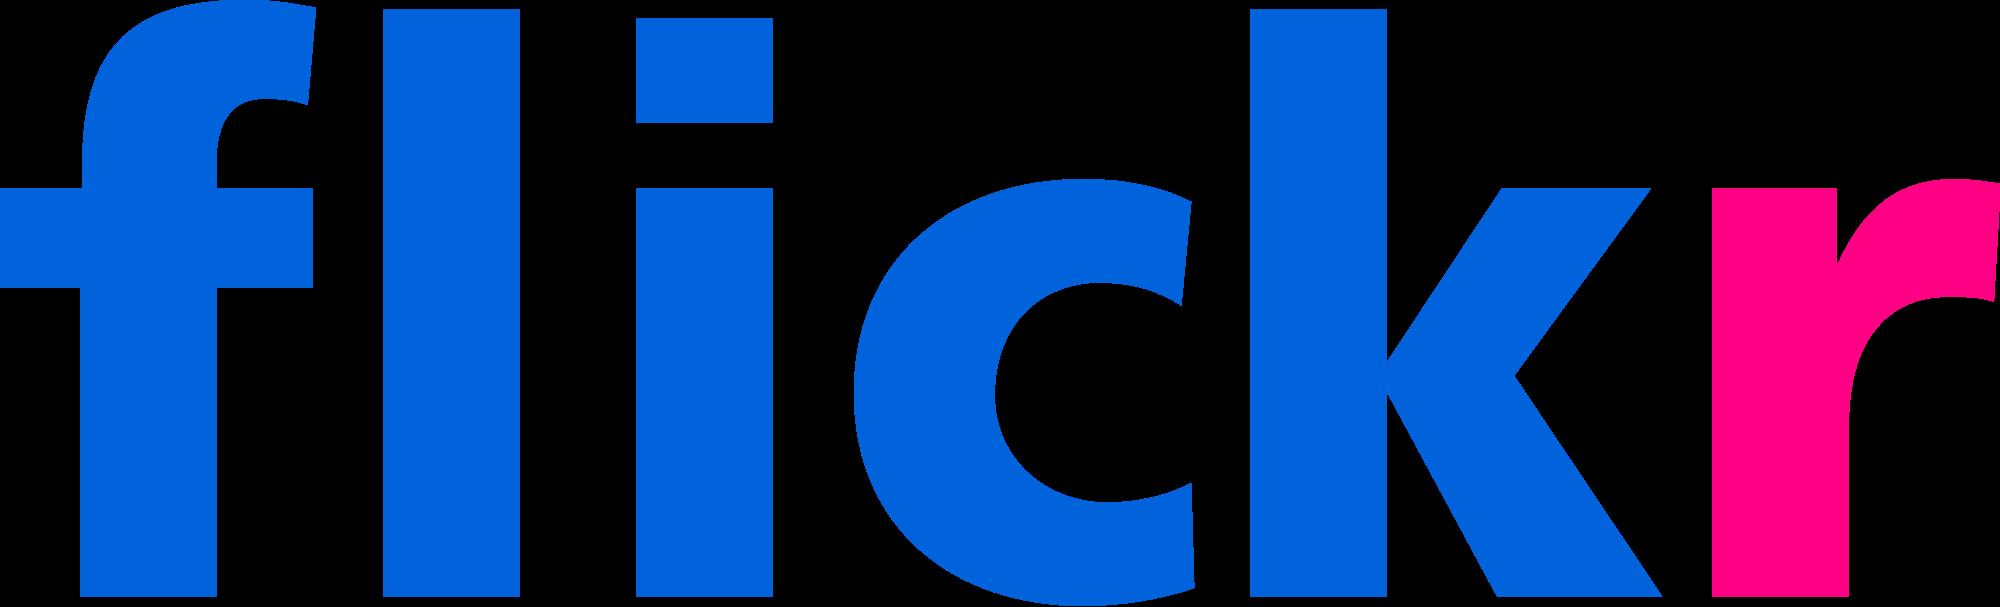 Logotipo de Flickr